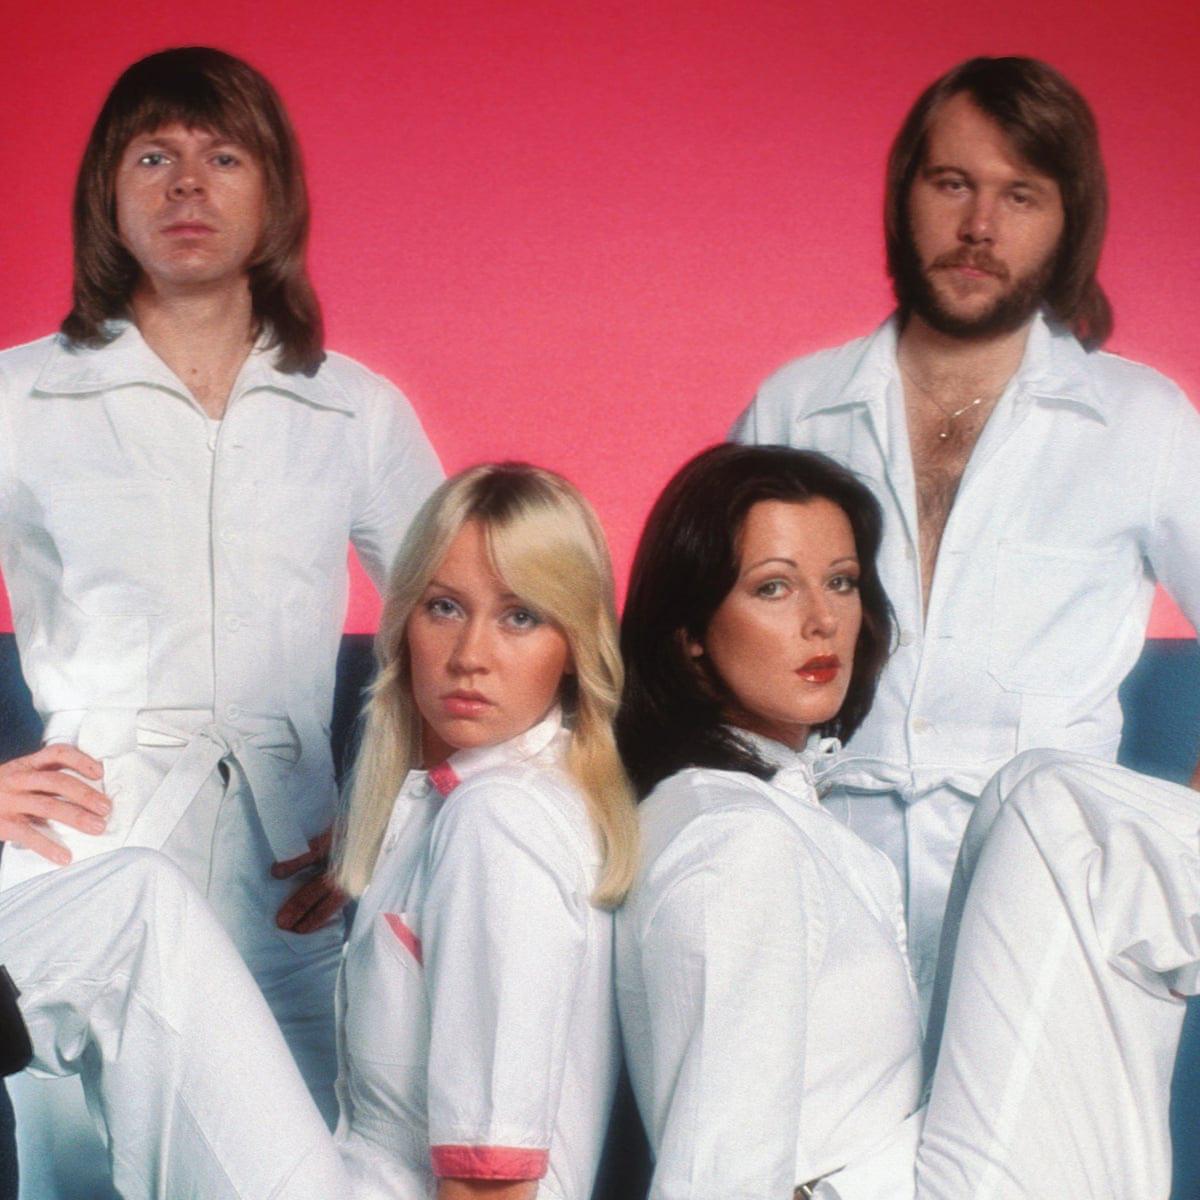 Tại sao chúng ta yêu thích ABBA đến thế? - Ảnh 2.